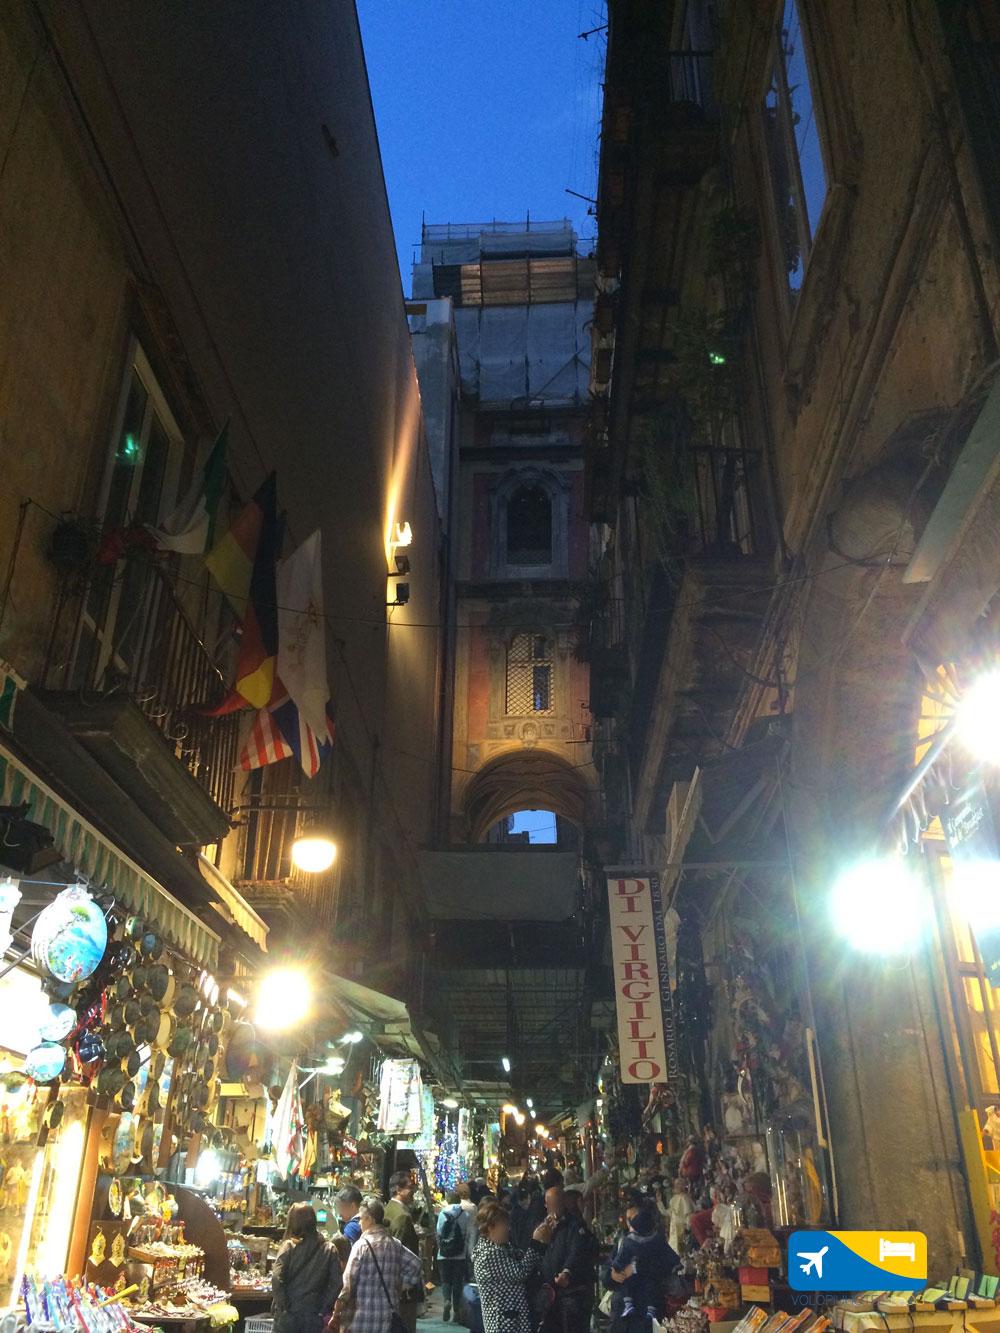 I mercatini di Natale a Napoli - San Gregorio Armeno